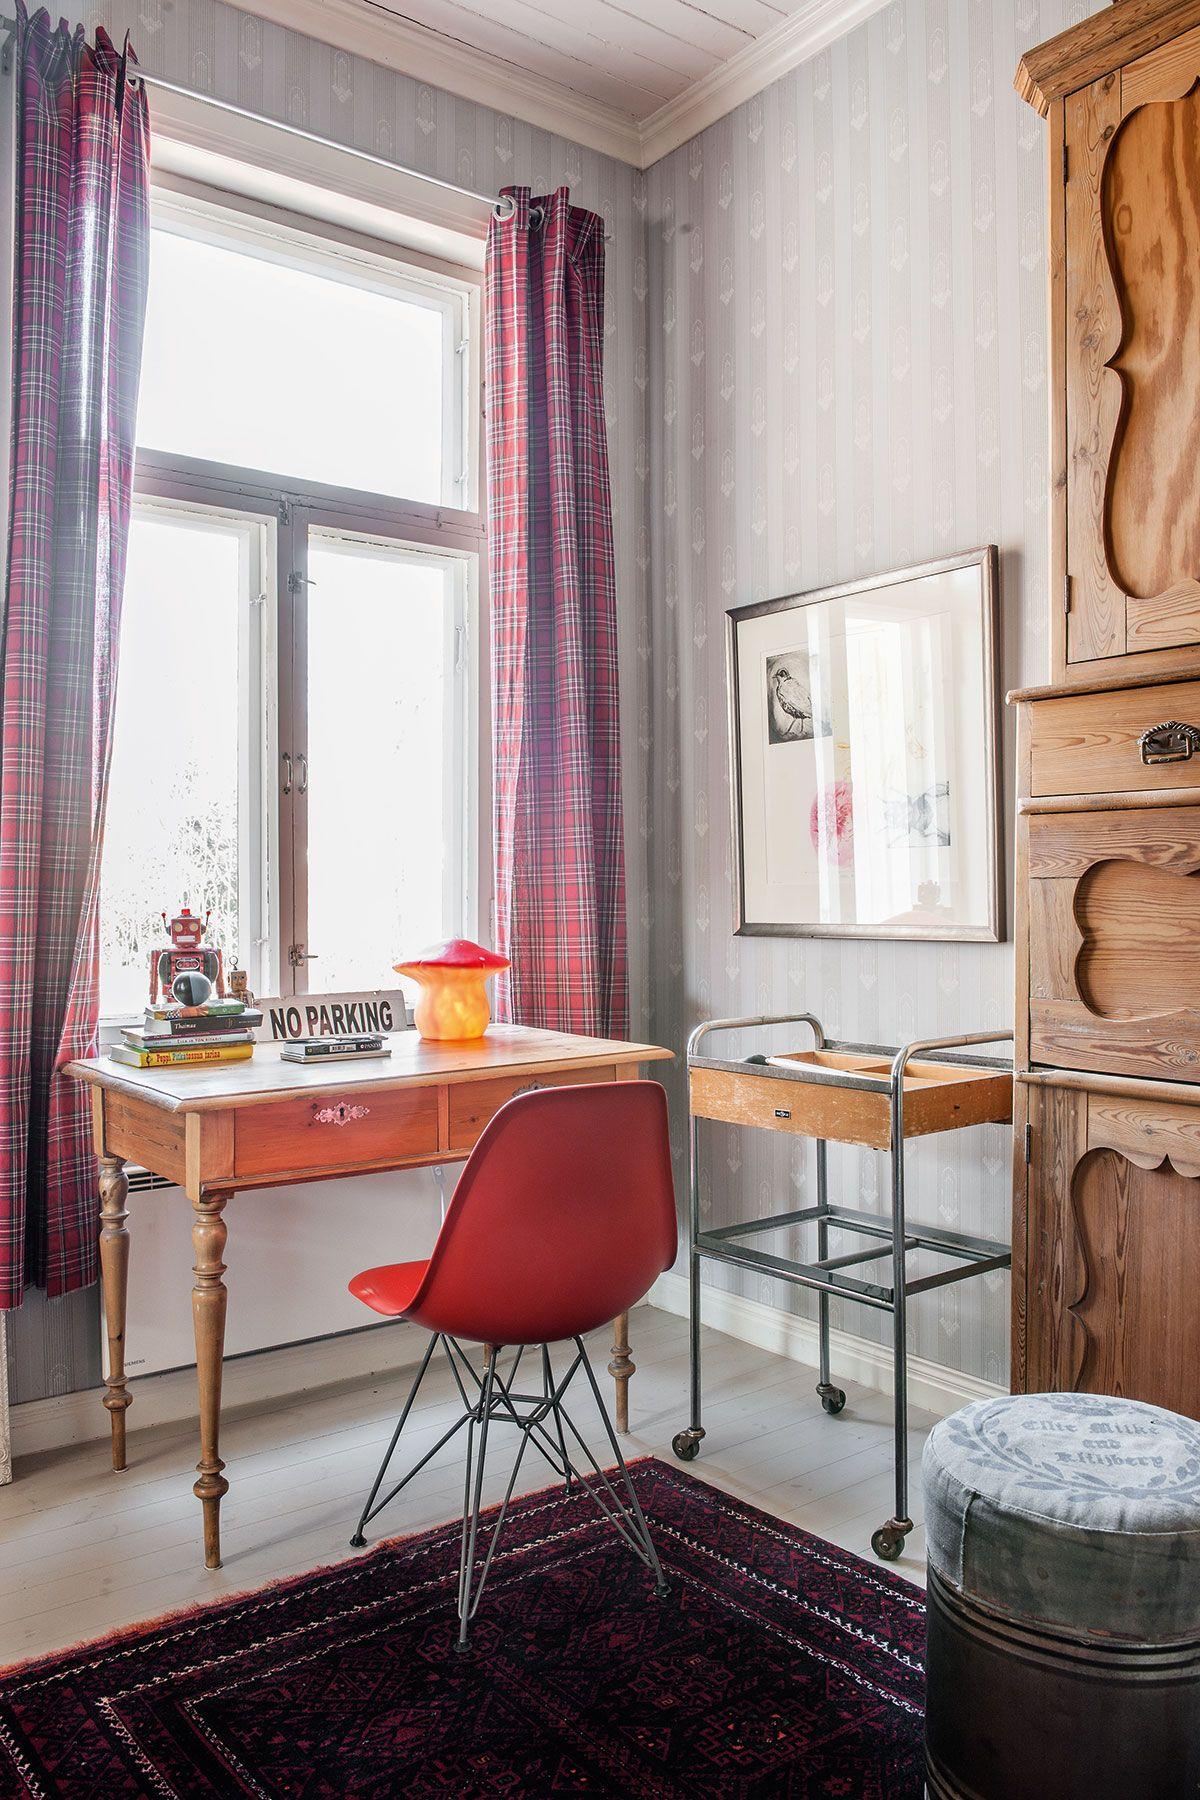 Charles ja Ray Eamesin vuonna 1950 Vitralle suunnittelema muovituoli on hauska vastapari Inkerin huoneen antiikkikalusteille.